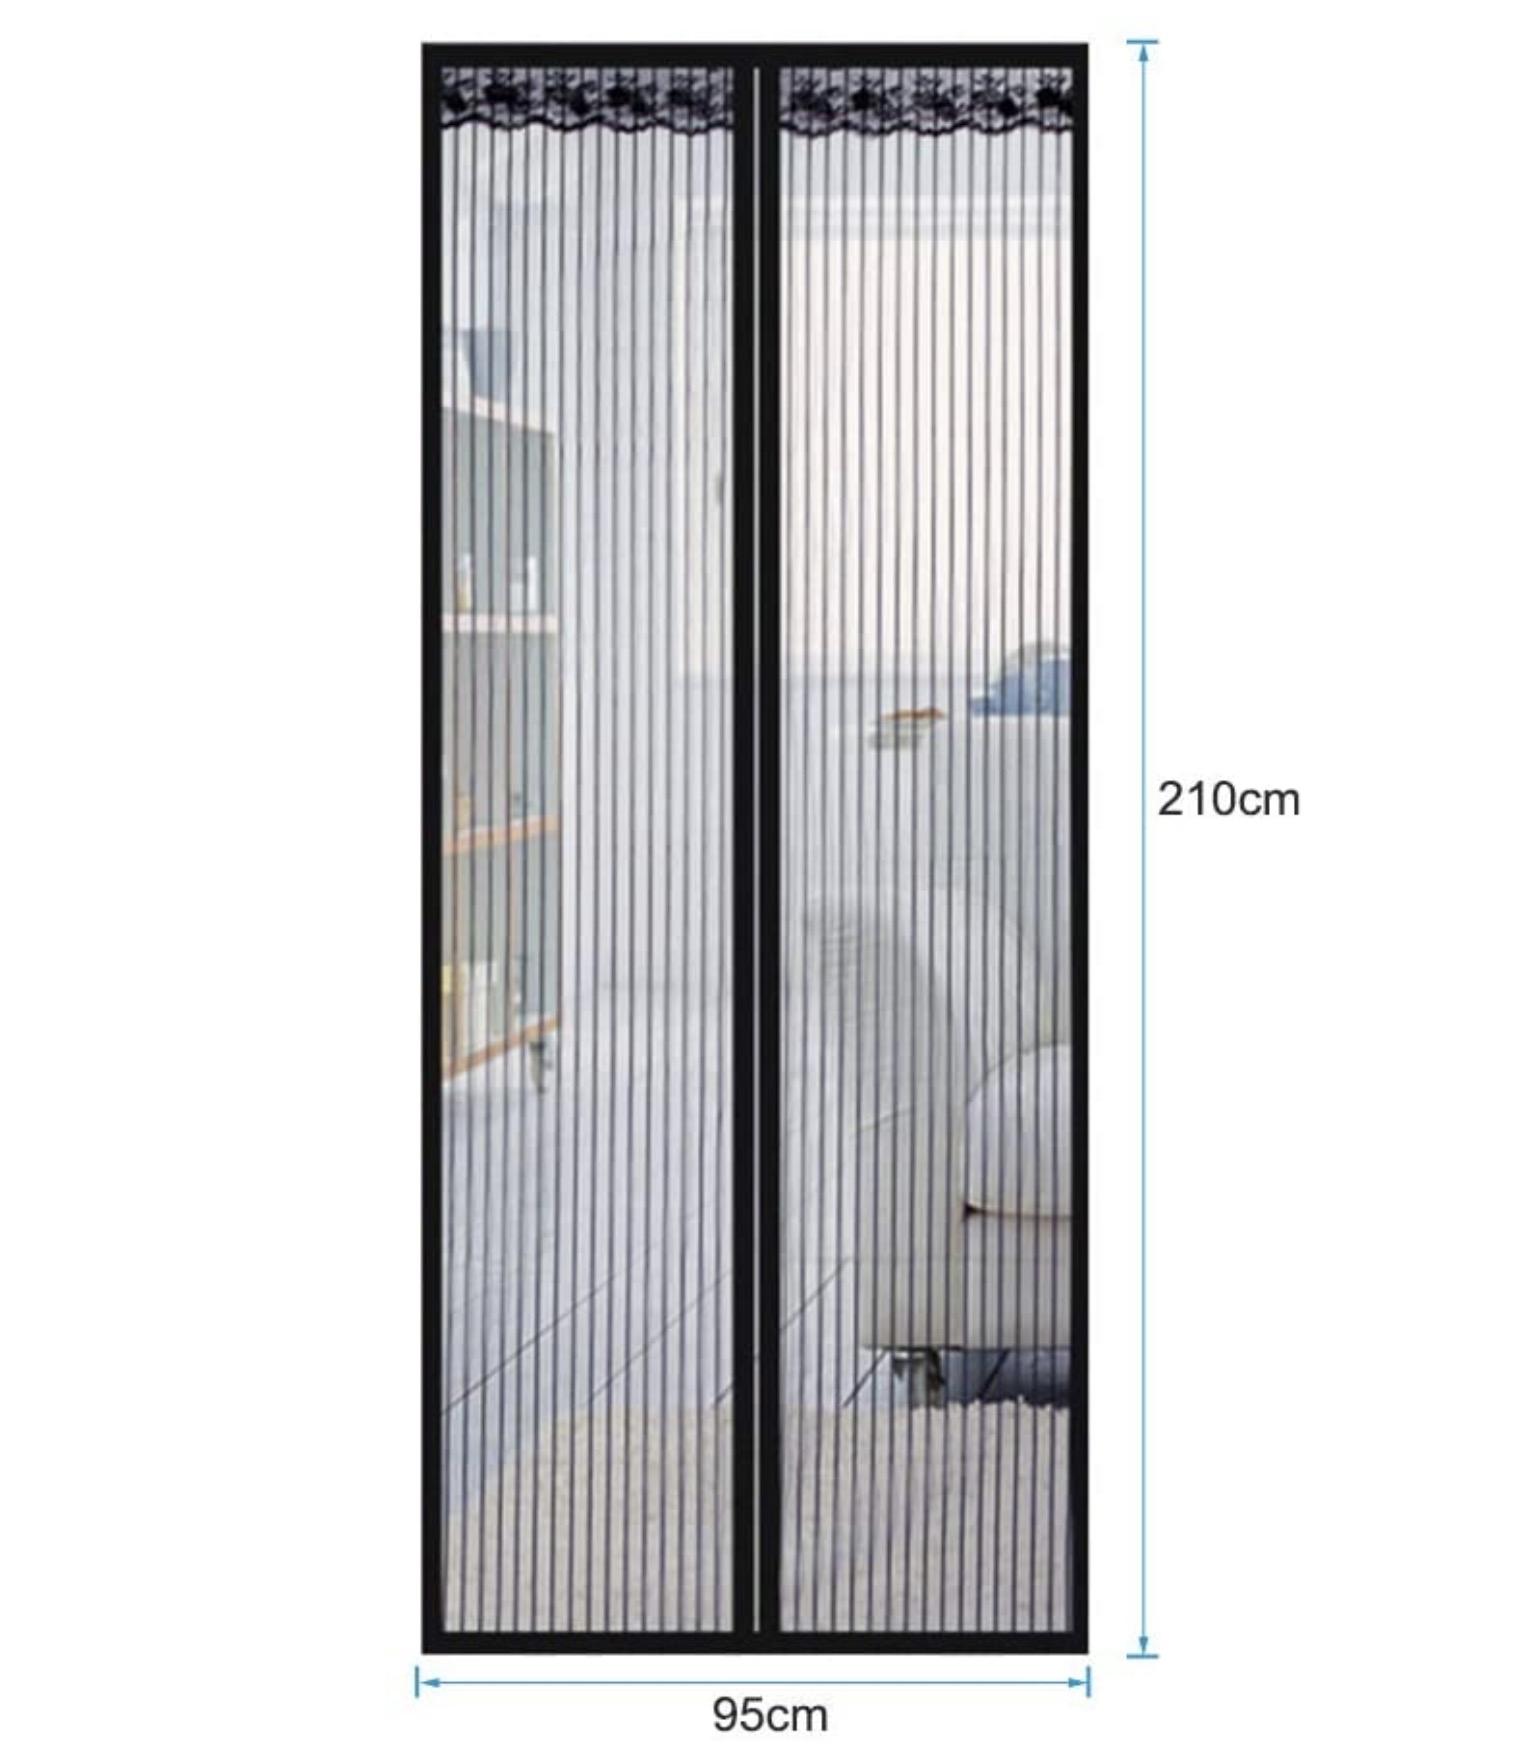 Magnet Fliegengitter für Türen (90cm x 210cm) für nur 10,49 Euro